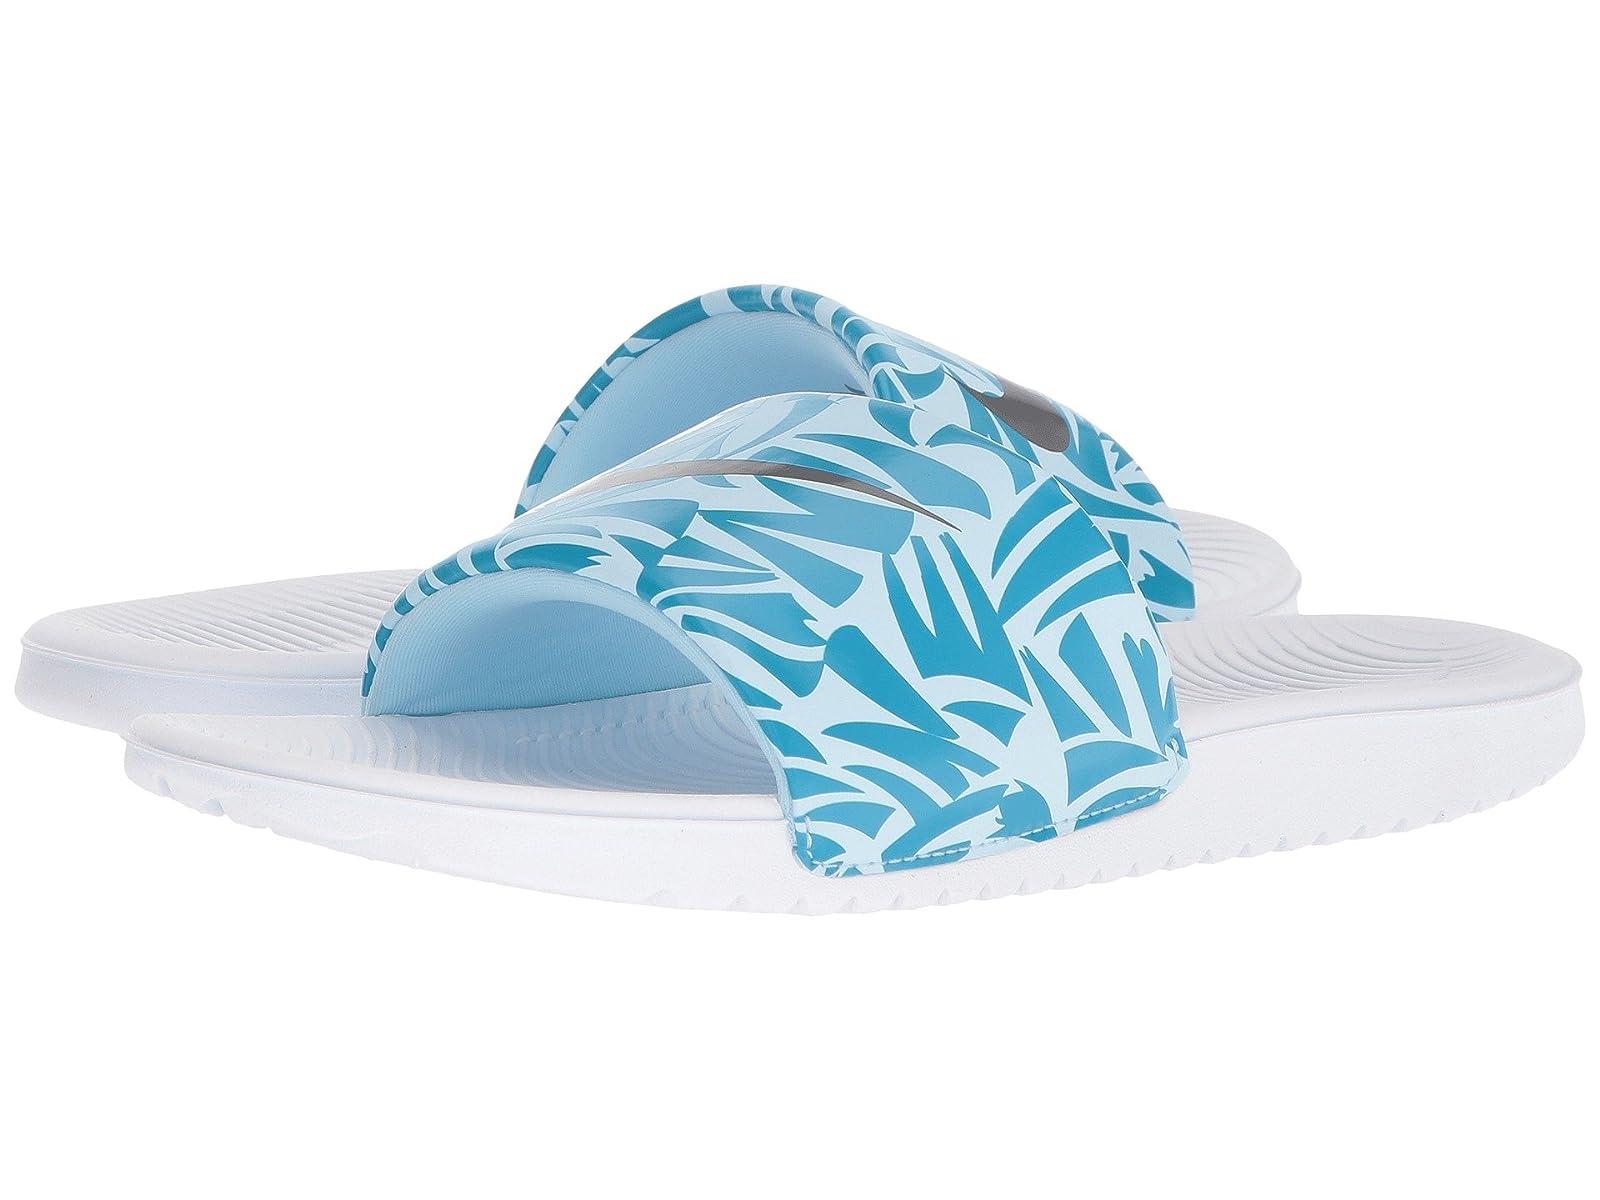 Nike Kids Slide Print (Little Kid/Big Kid)Atmospheric grades have affordable shoes